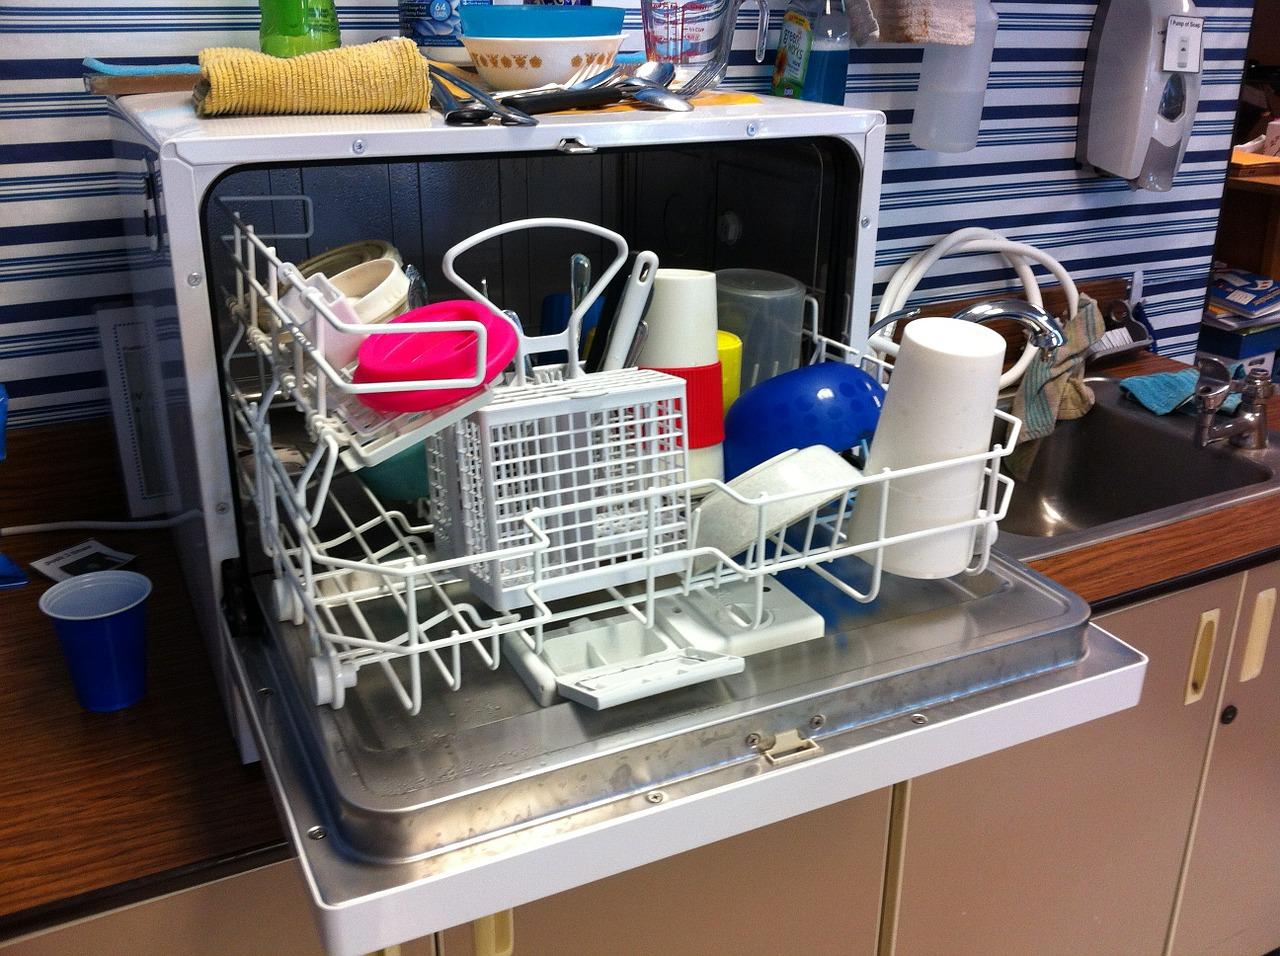 Things to buy this Diwali - dishwasher